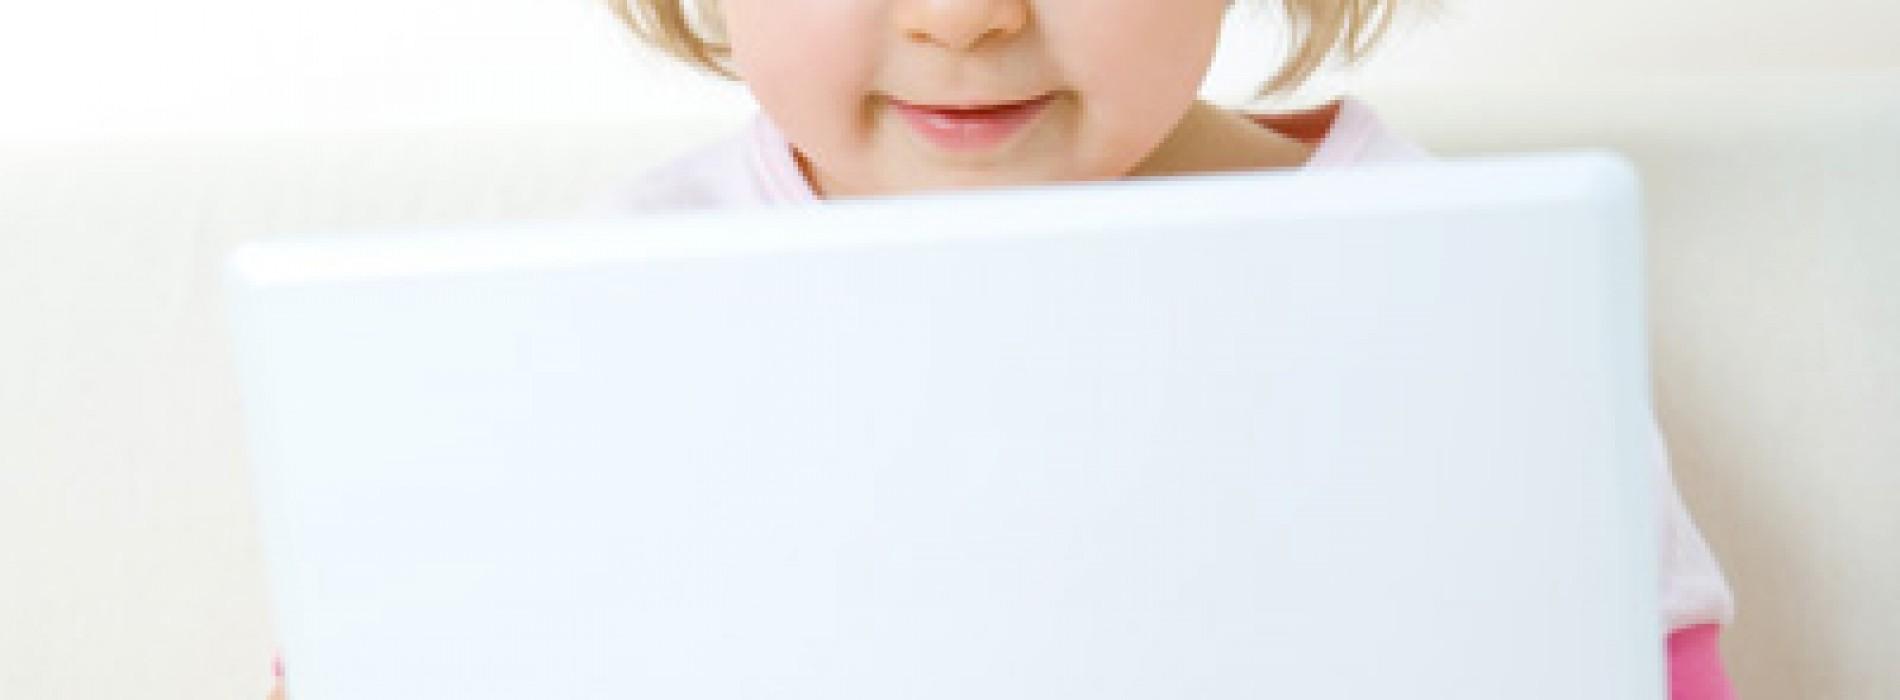 怎樣才能令我的孩子更叻?